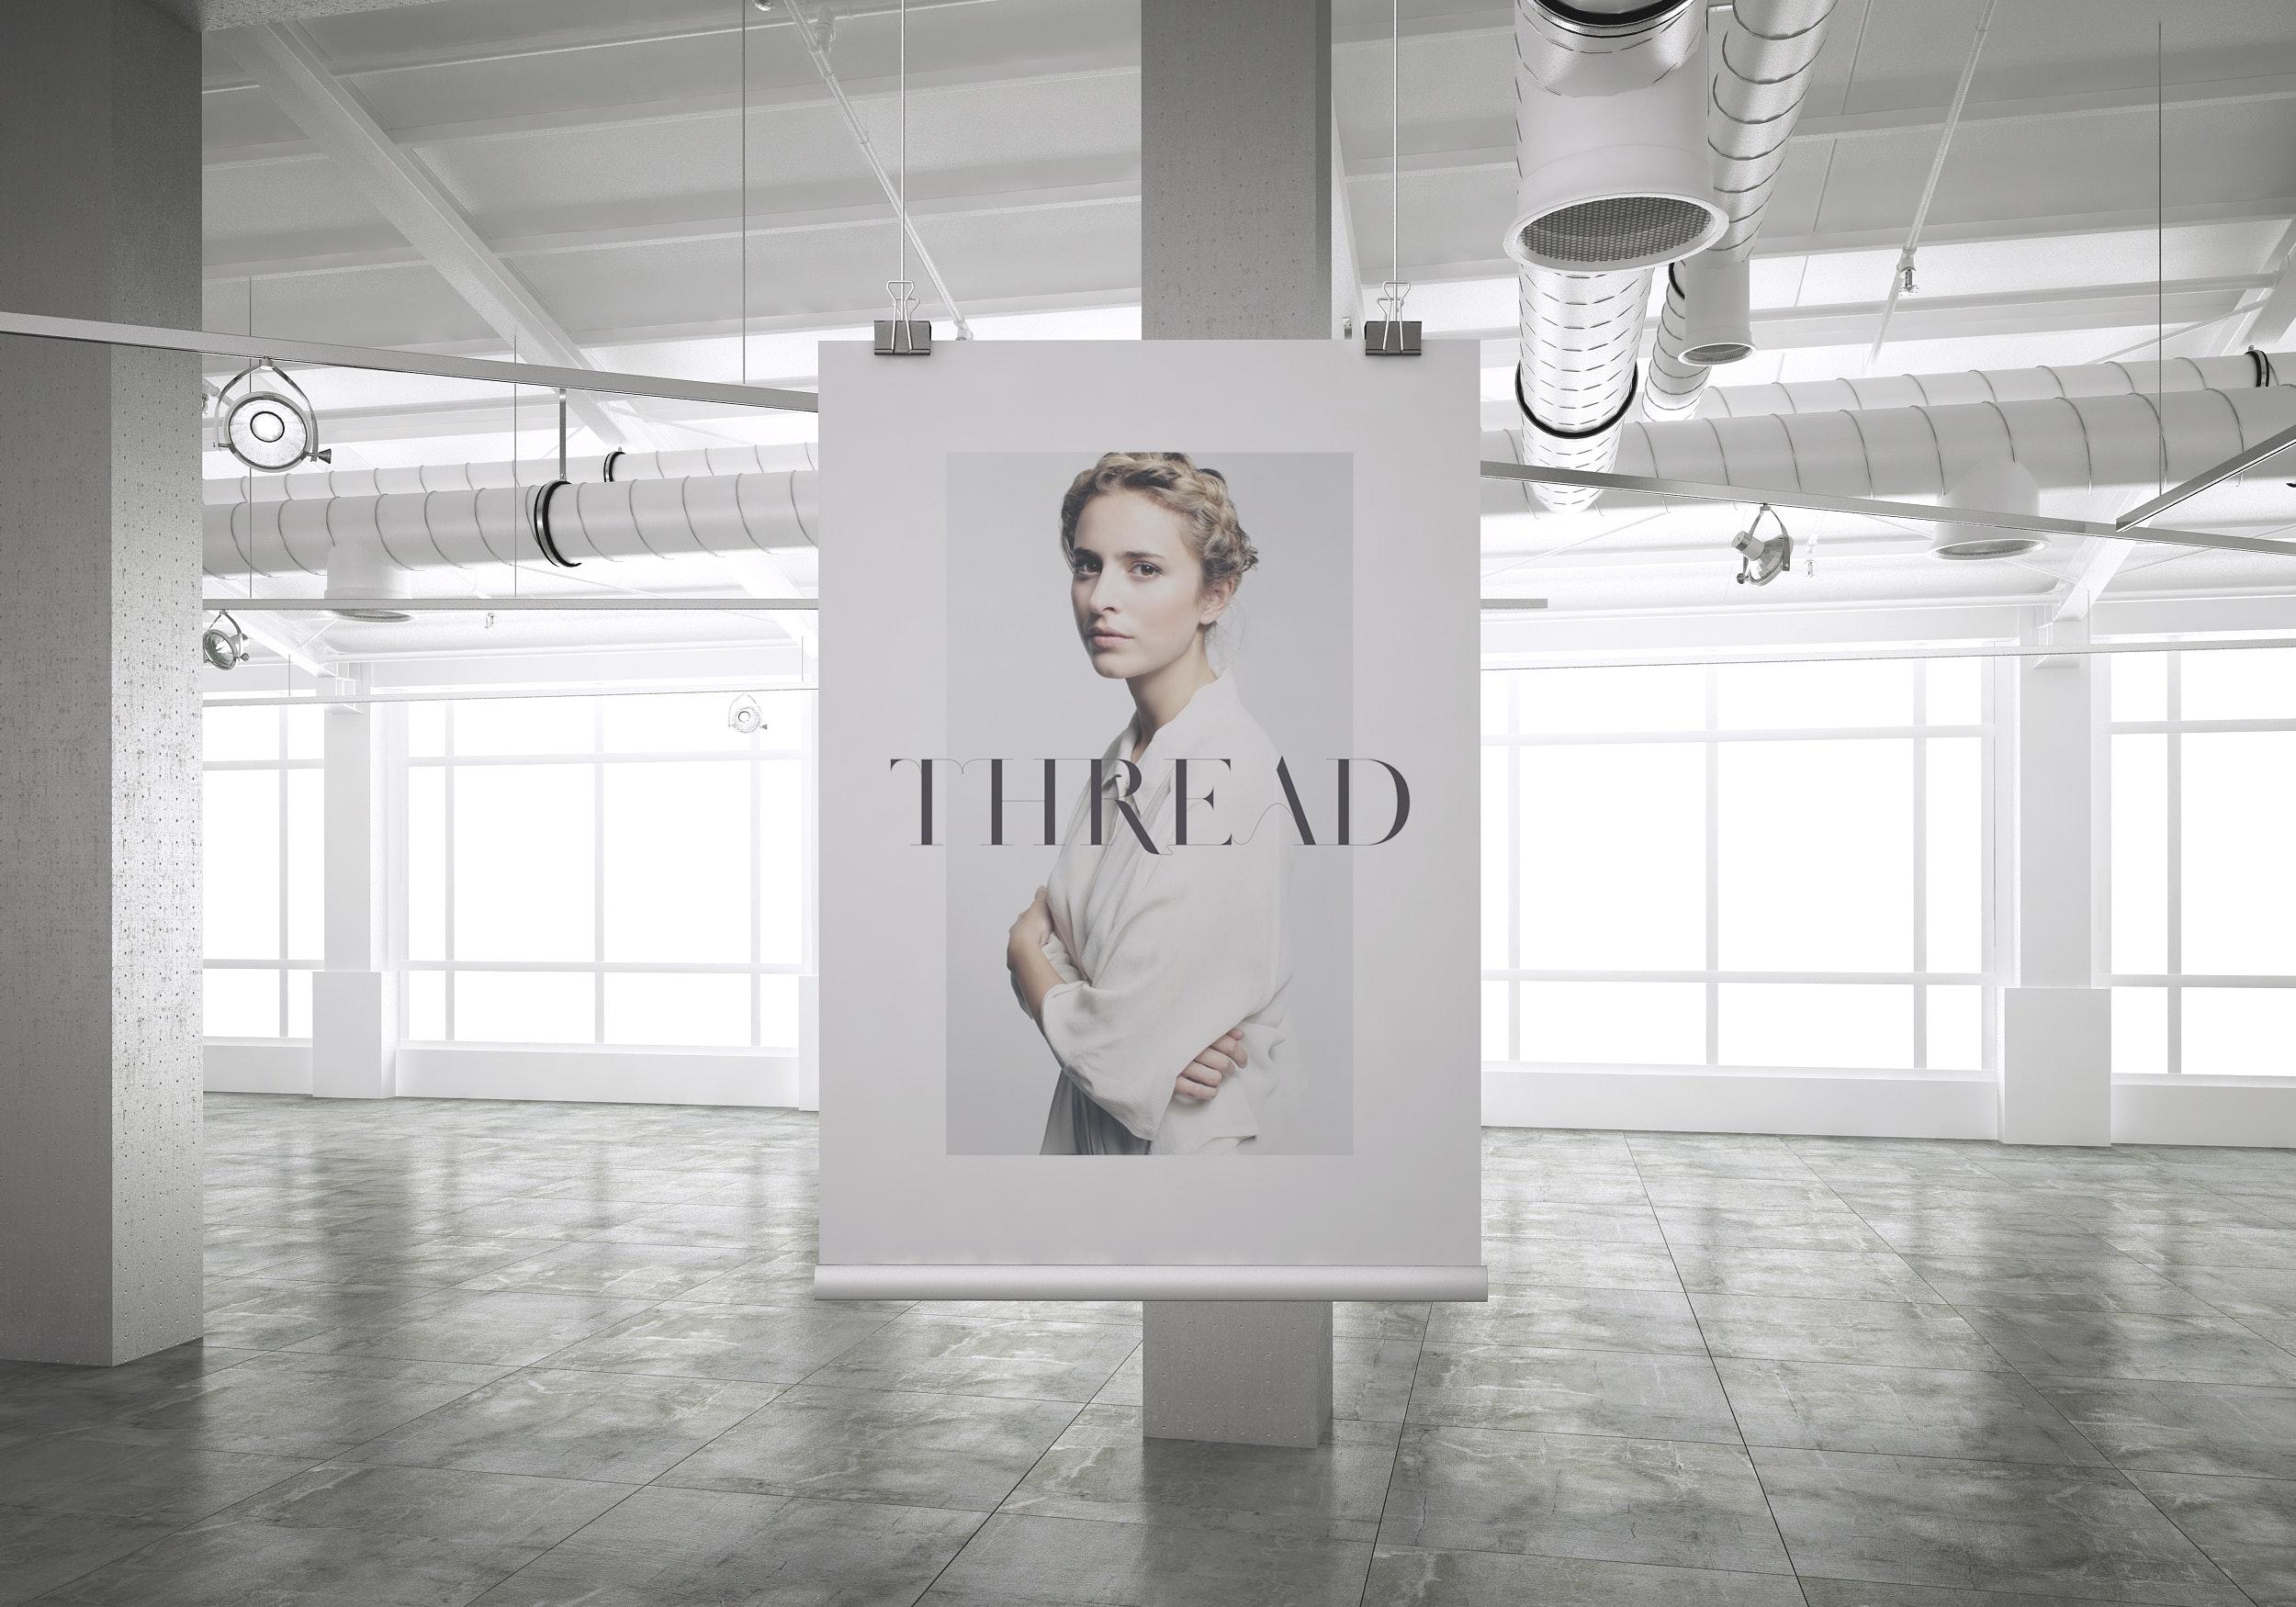 Tim Jarvis - Thread